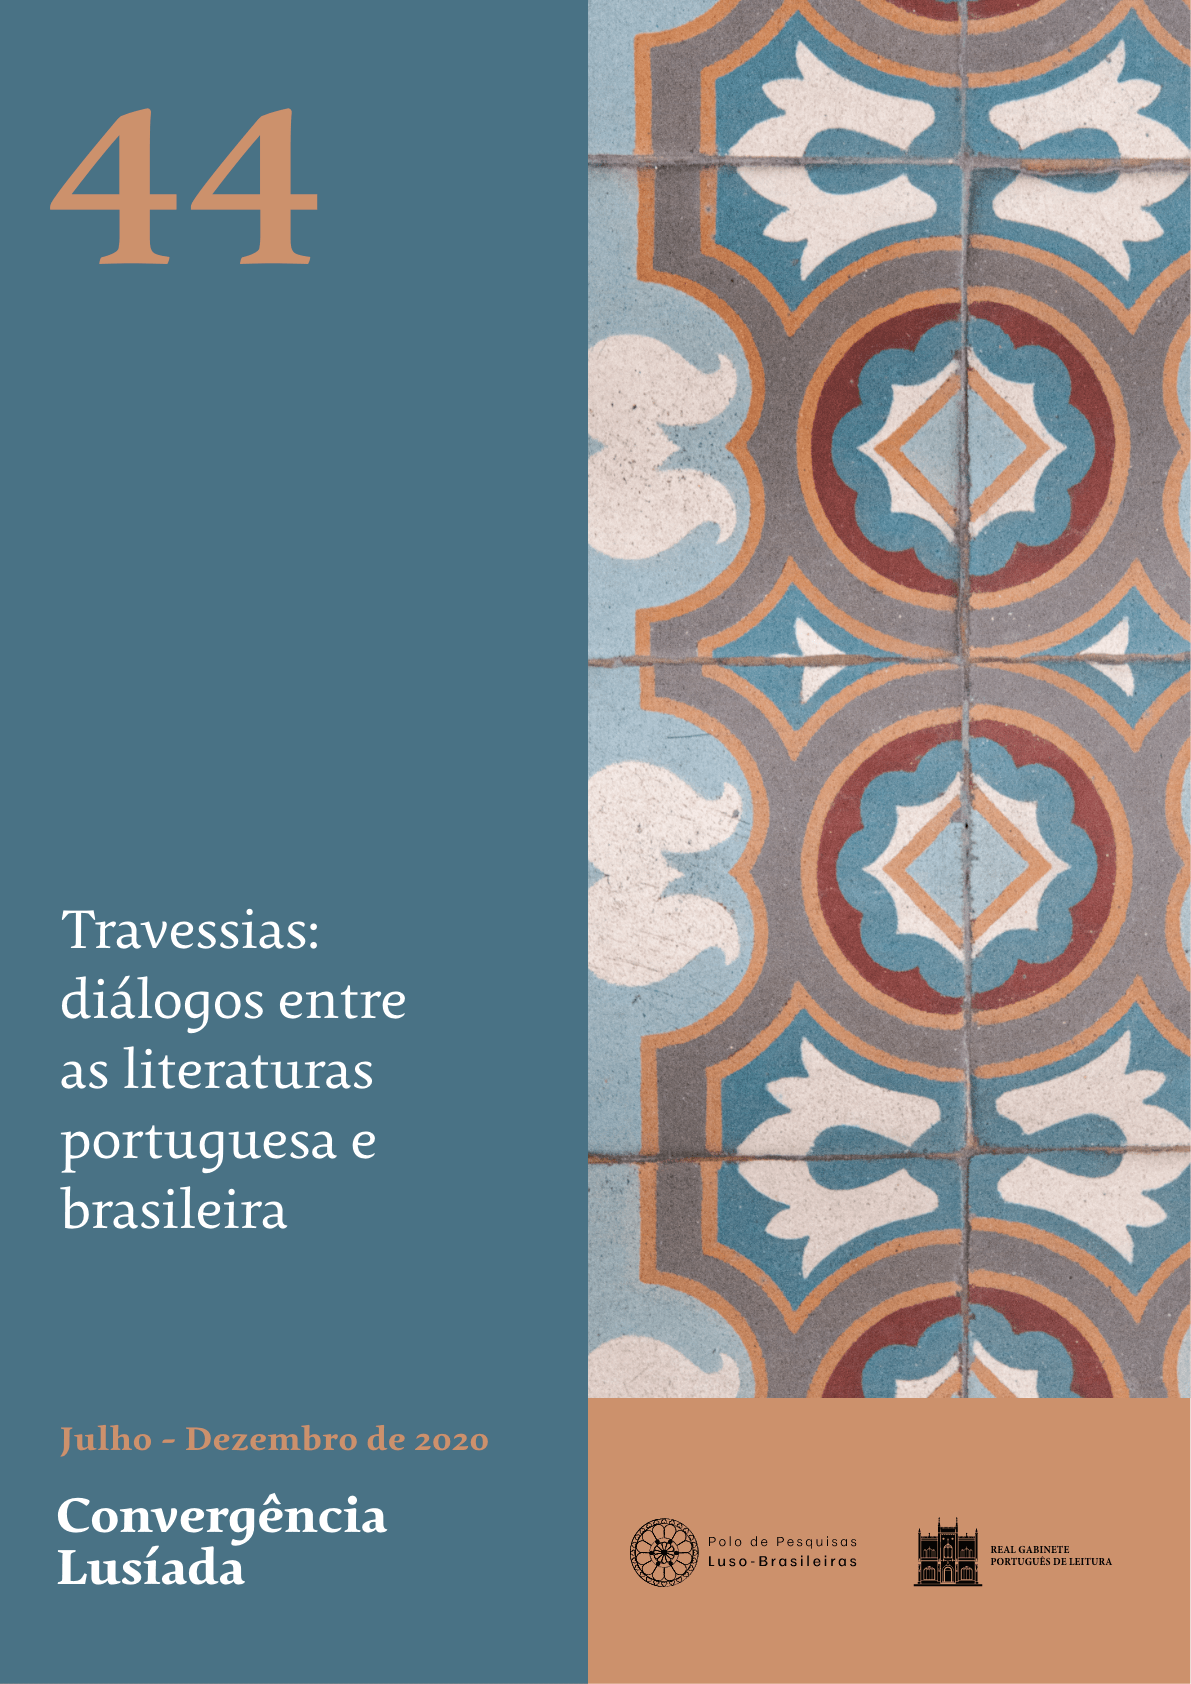 Capa da Convergência Lusíana 44